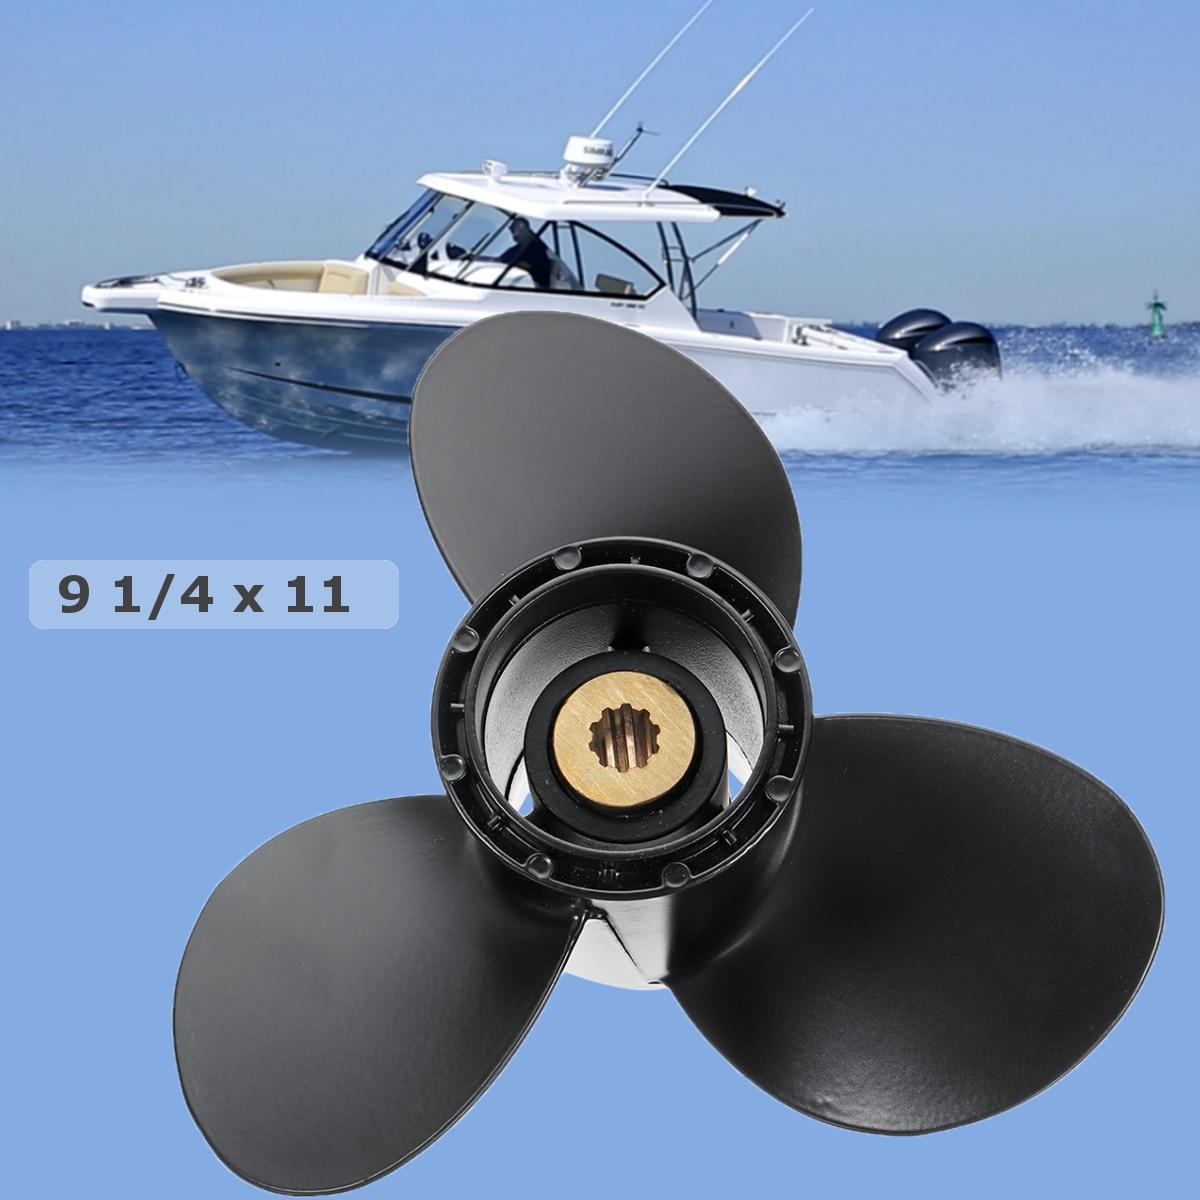 58100-93743-019 9 1/4x11 Barca Fuoribordo Elica per Suzuki 9.9-15HP In Lega di Alluminio Nero 3 lame 10 Spline Dente In Alluminio